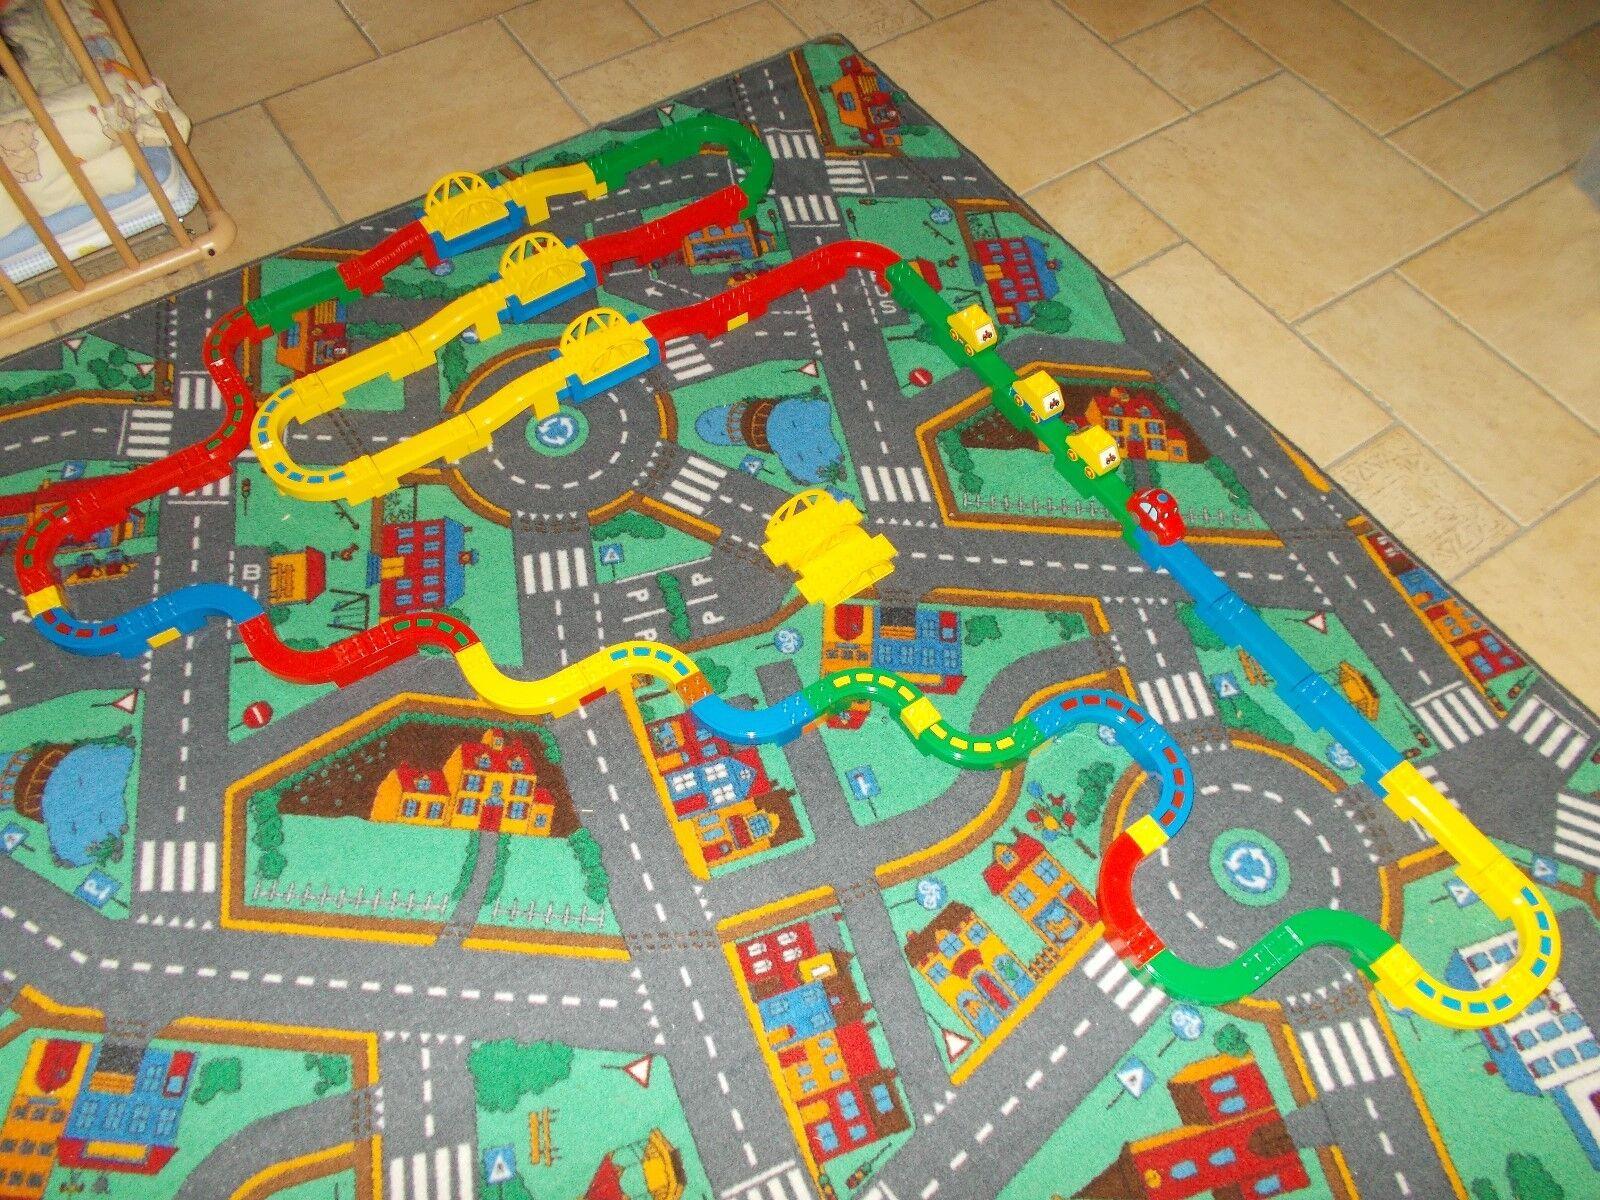 LEGO ® DUPLO chemin de de de fer-minibahn-Grand Set - 3 PONTS, de nombreux rails, etc. 4c9e34